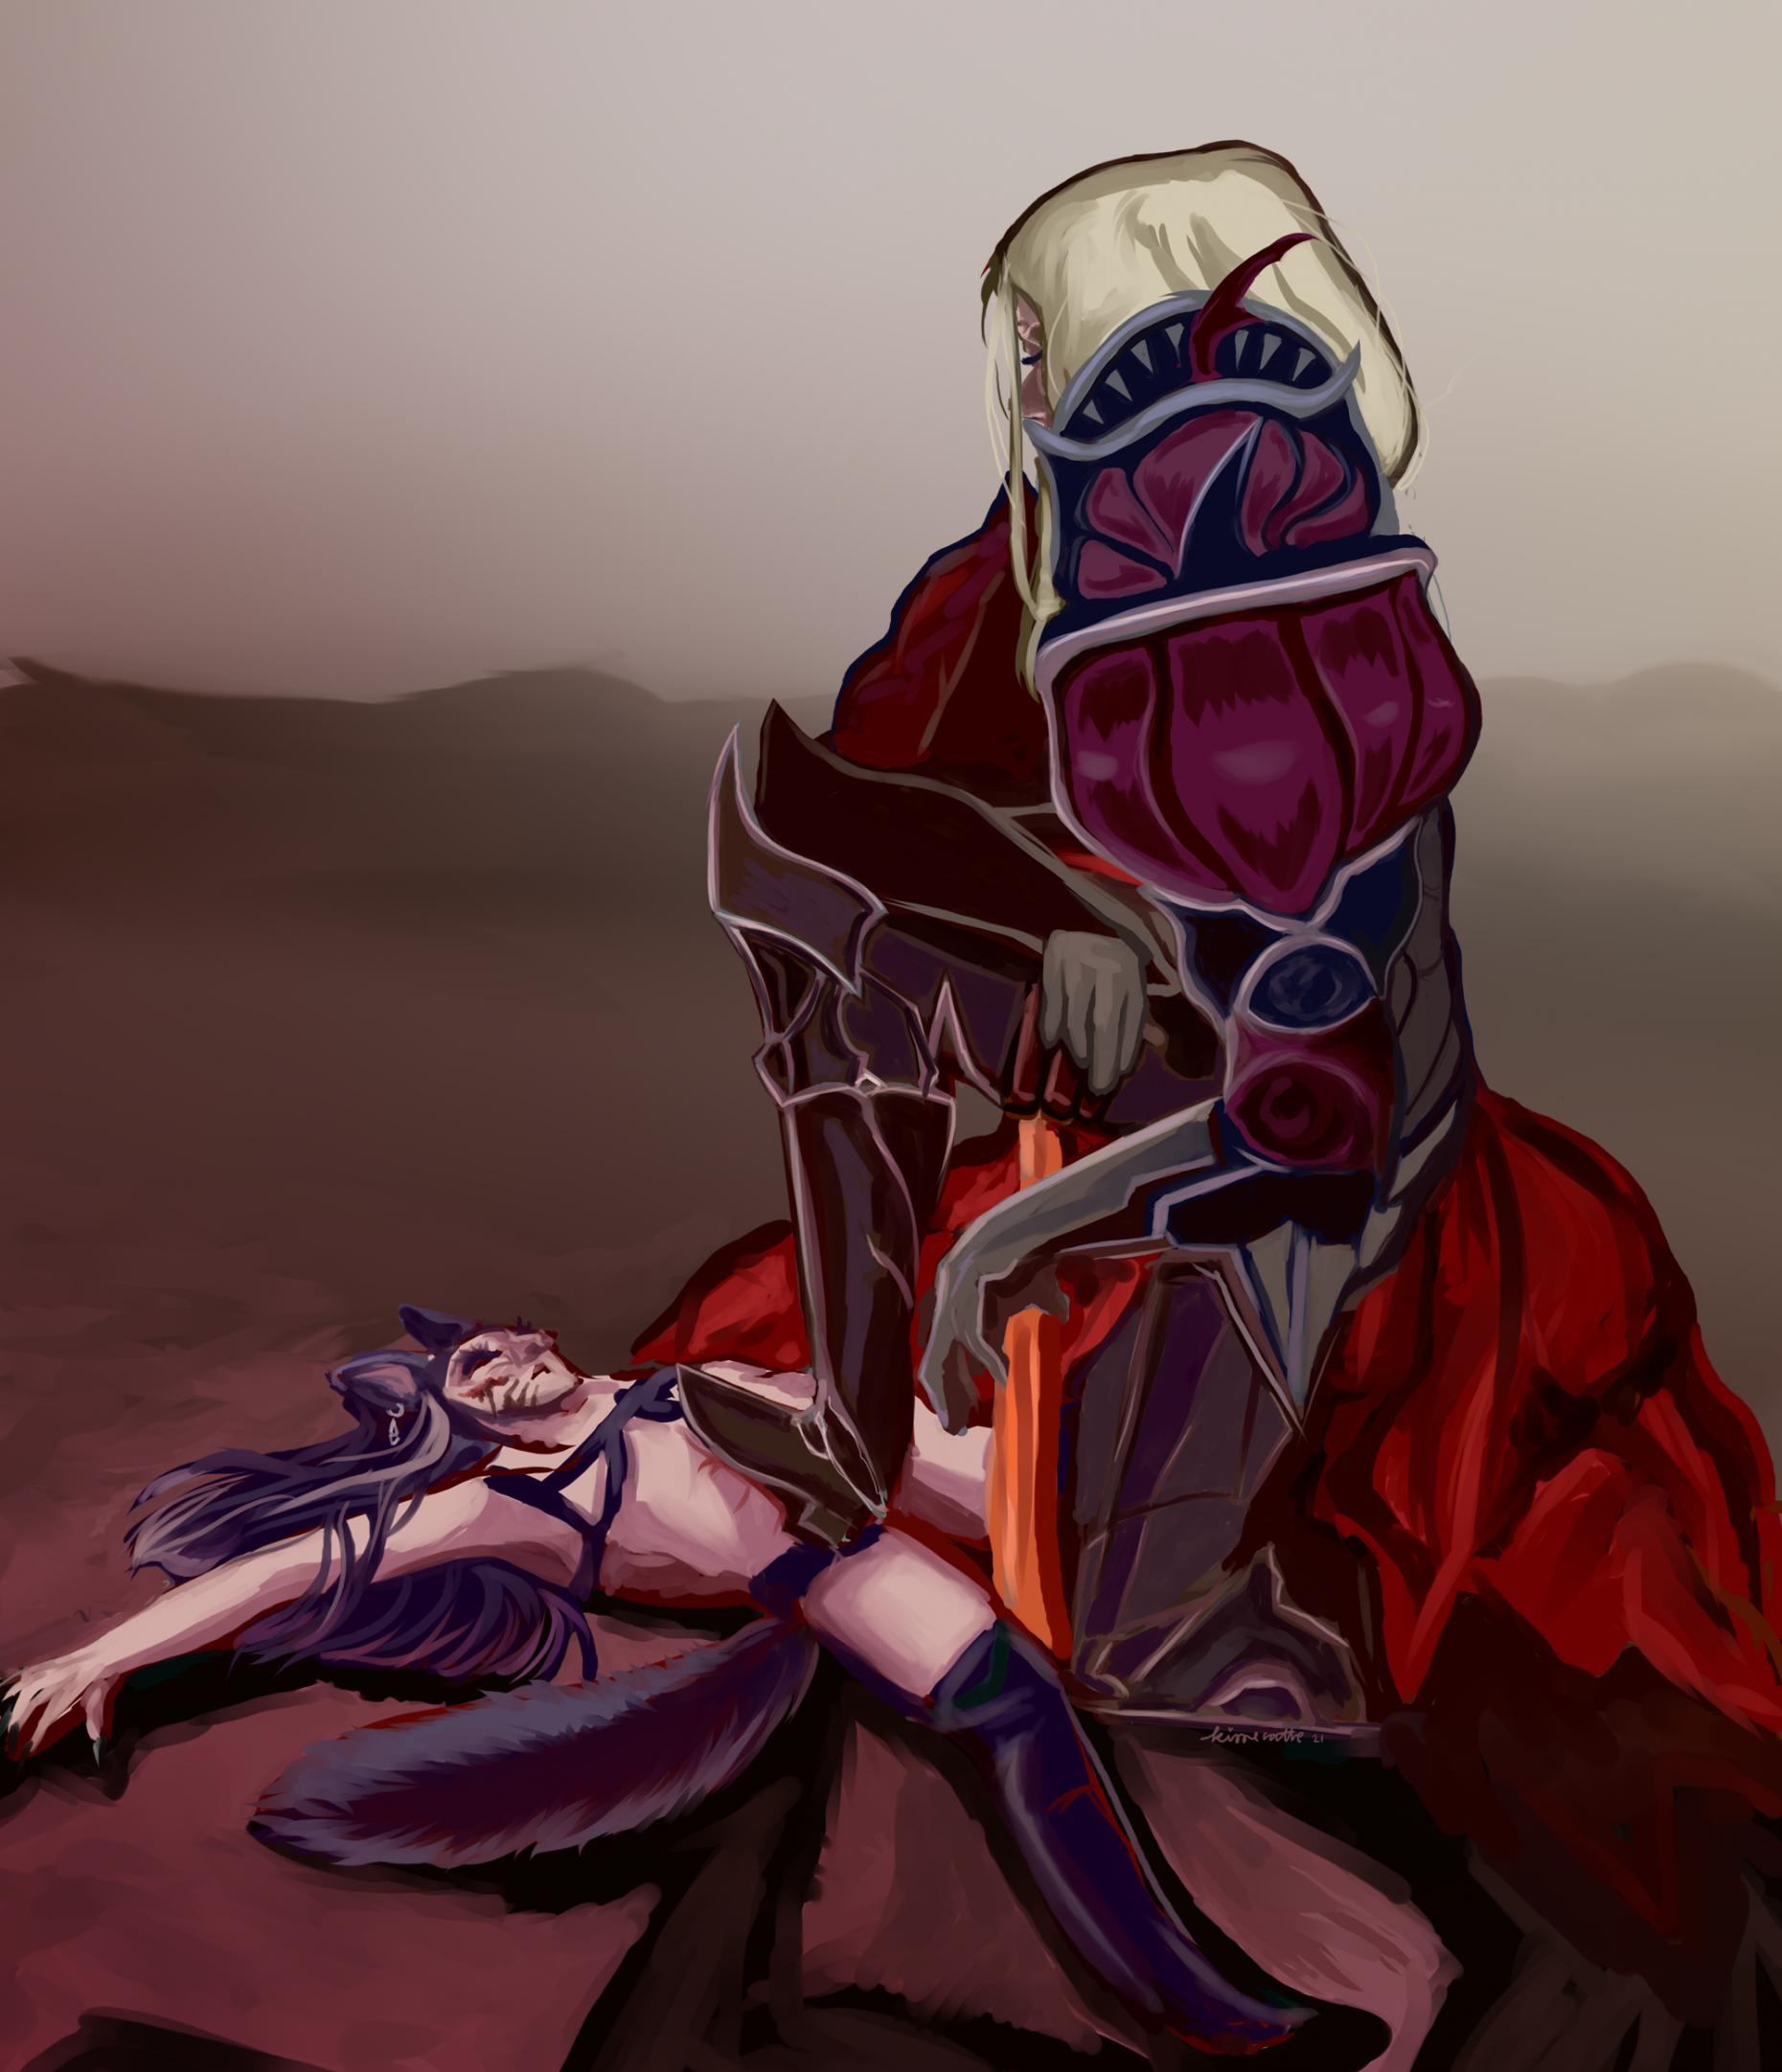 zenos wol fan art painting by kisse